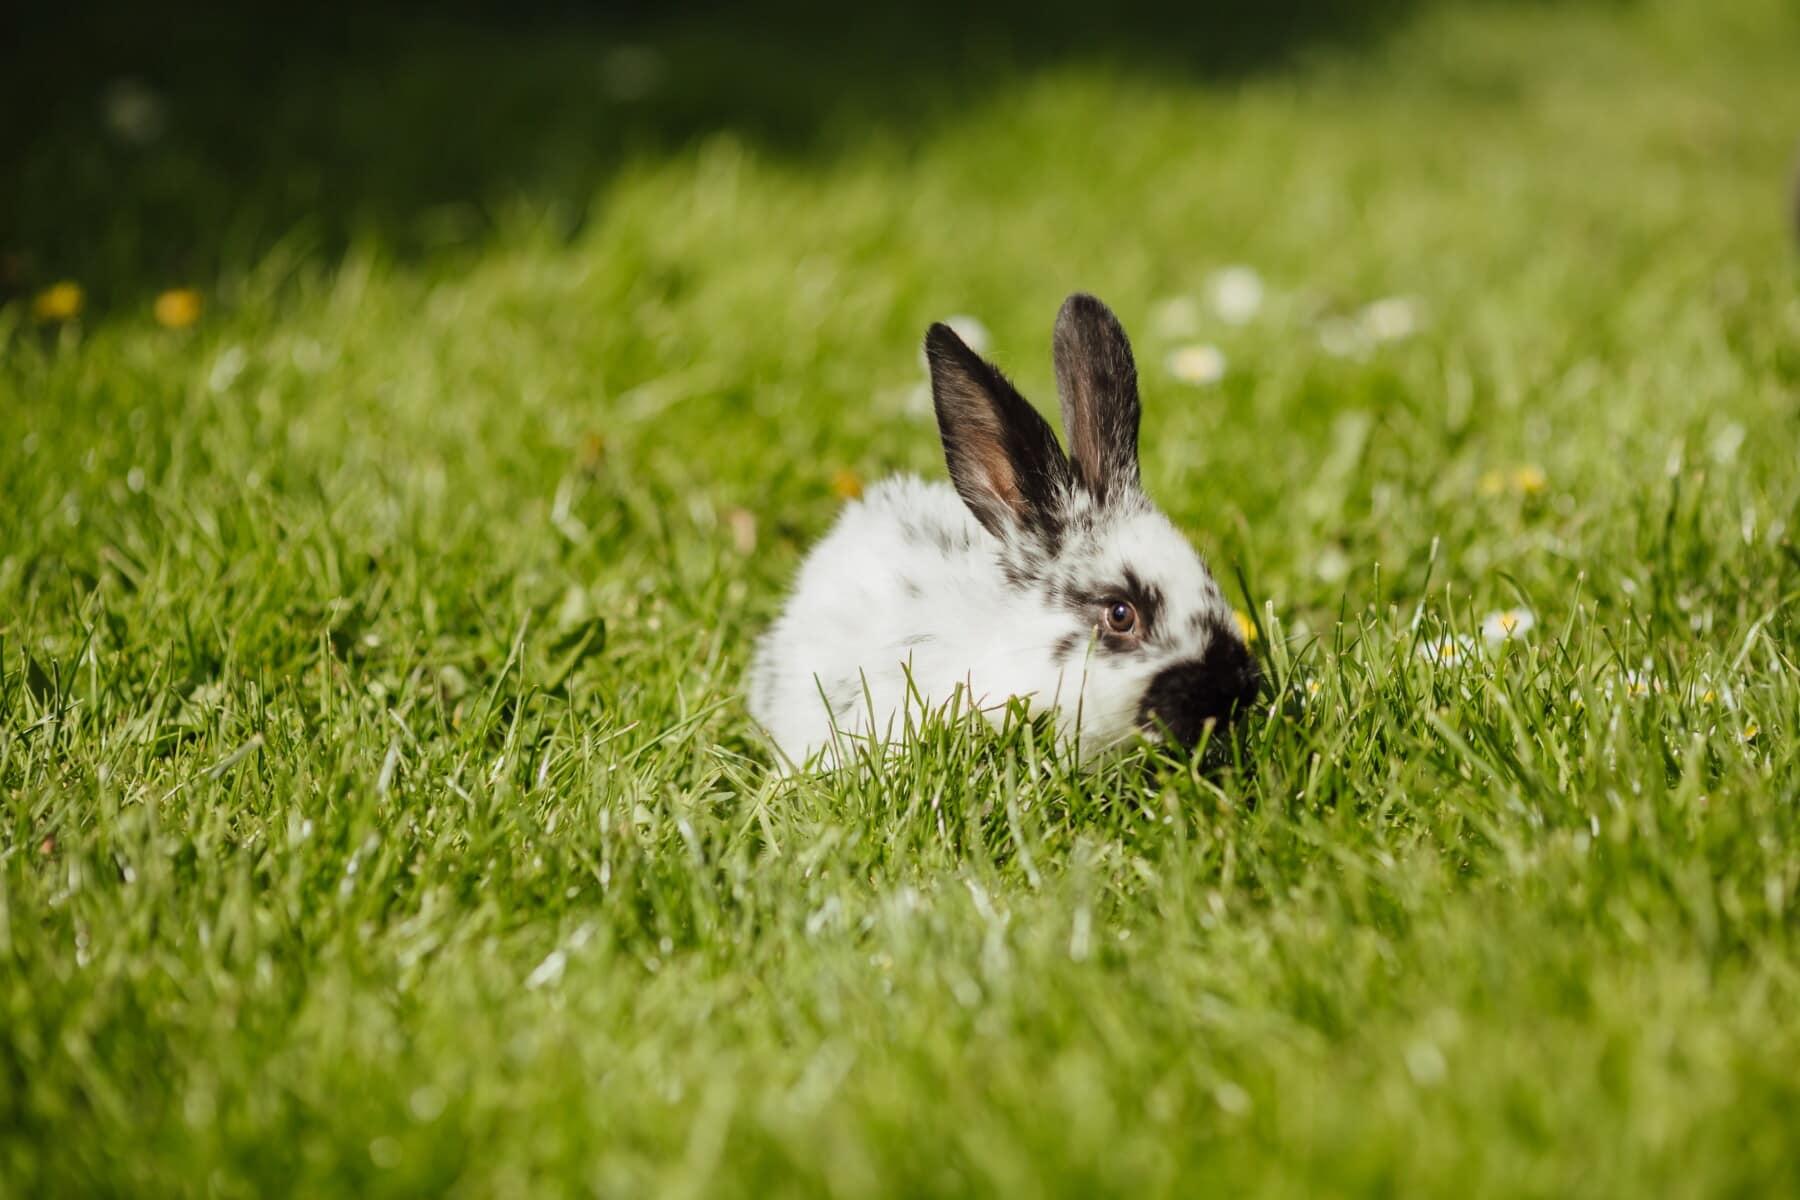 curious, bunny, rabbit, eat, green leaves, green grass, grass, cute, fur, pet